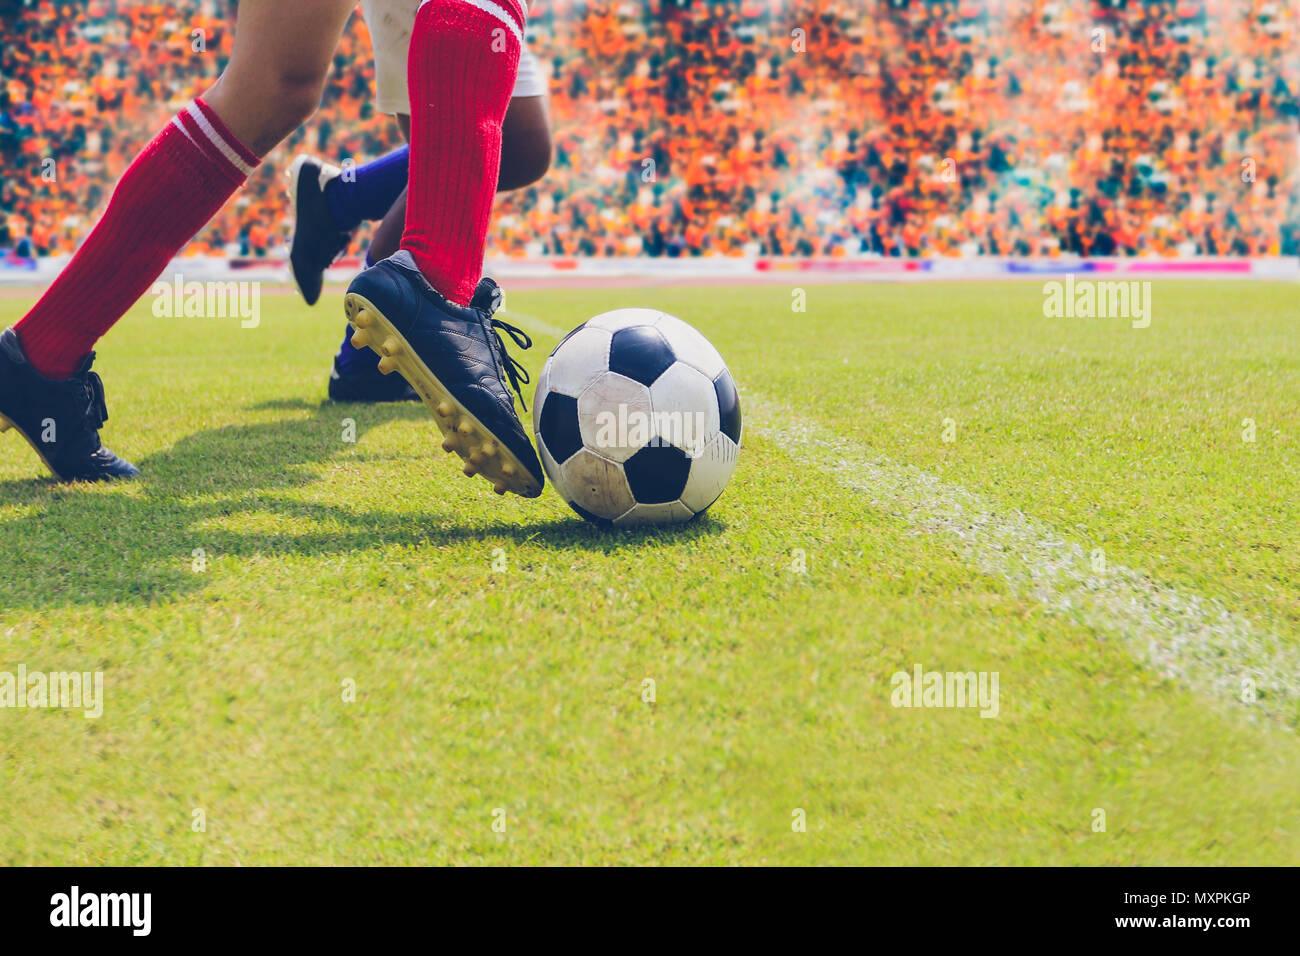 Fútbol Jugador de fútbol o de pie con bola sobre el campo para patear la  pelota de fútbol en el estadio de fútbol 612d4556aec3a